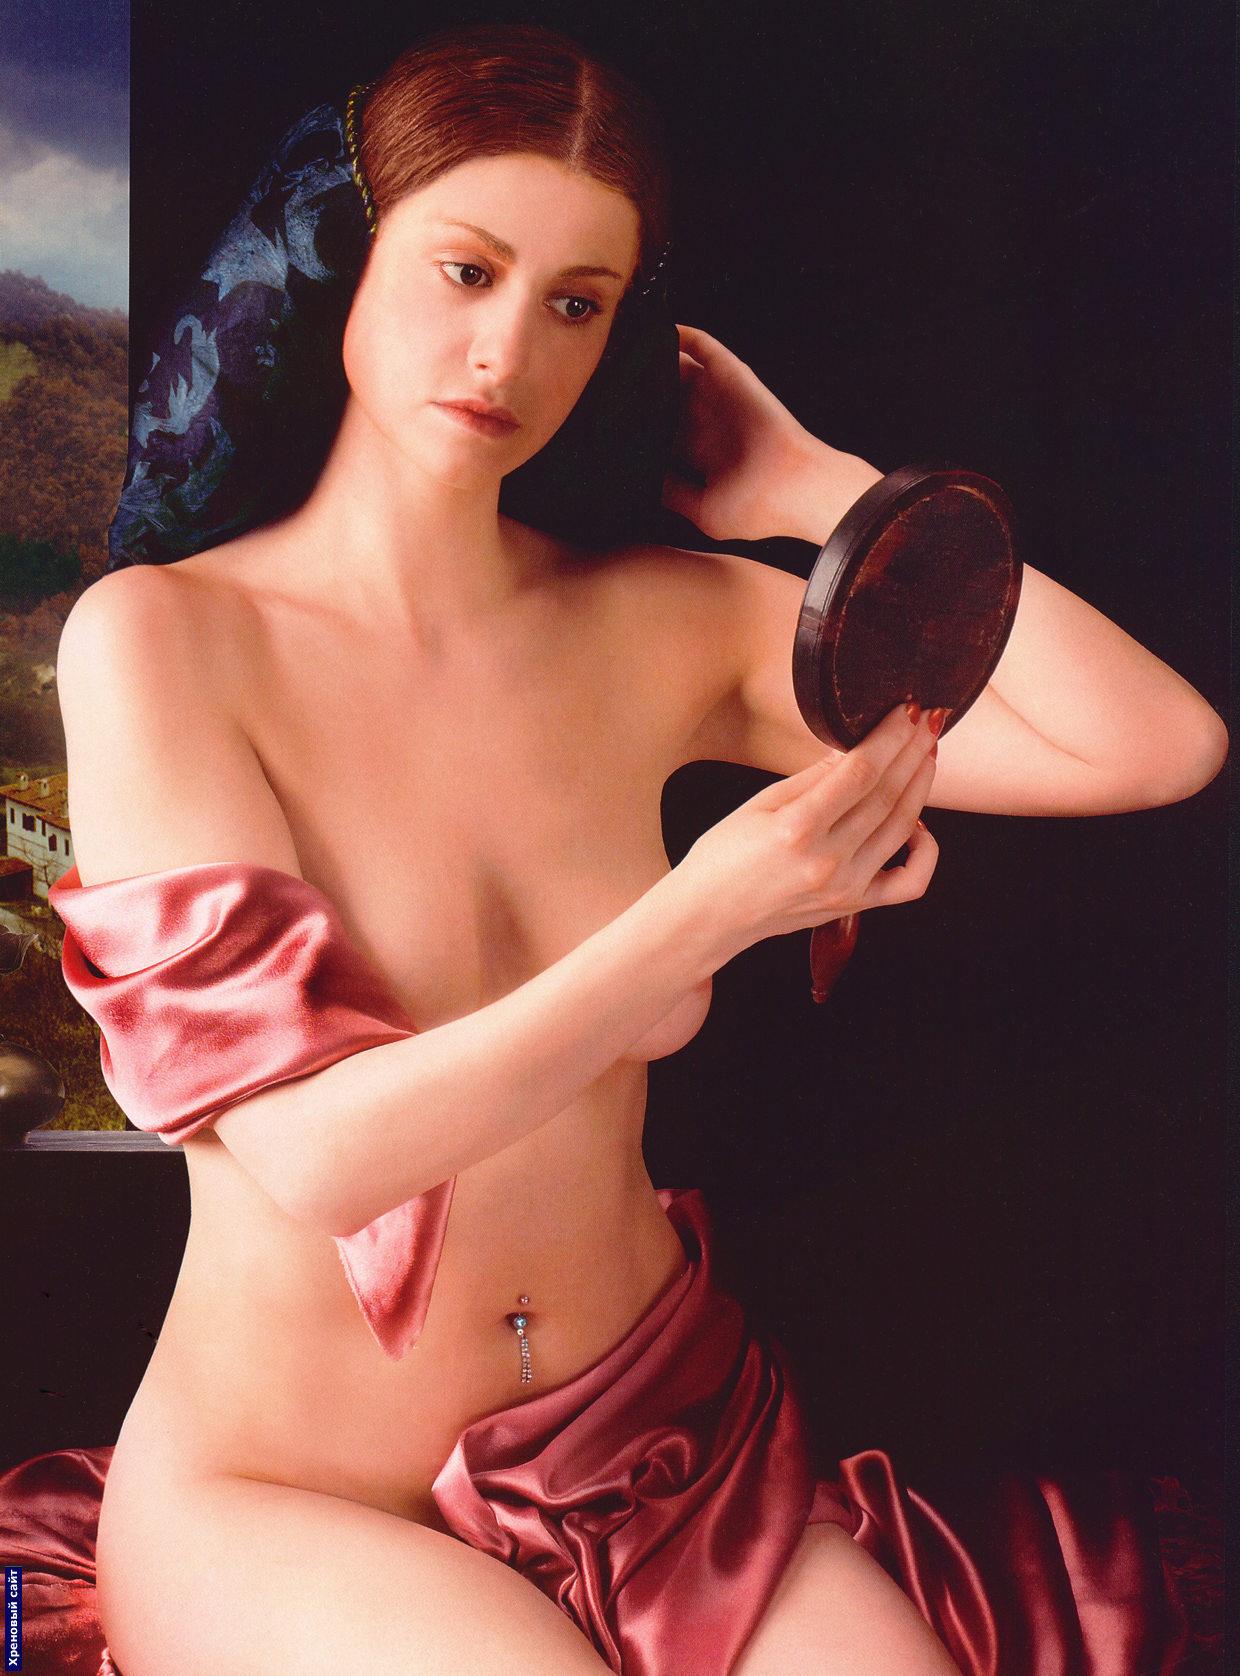 Эротические фото анна ковальчук 17 фотография